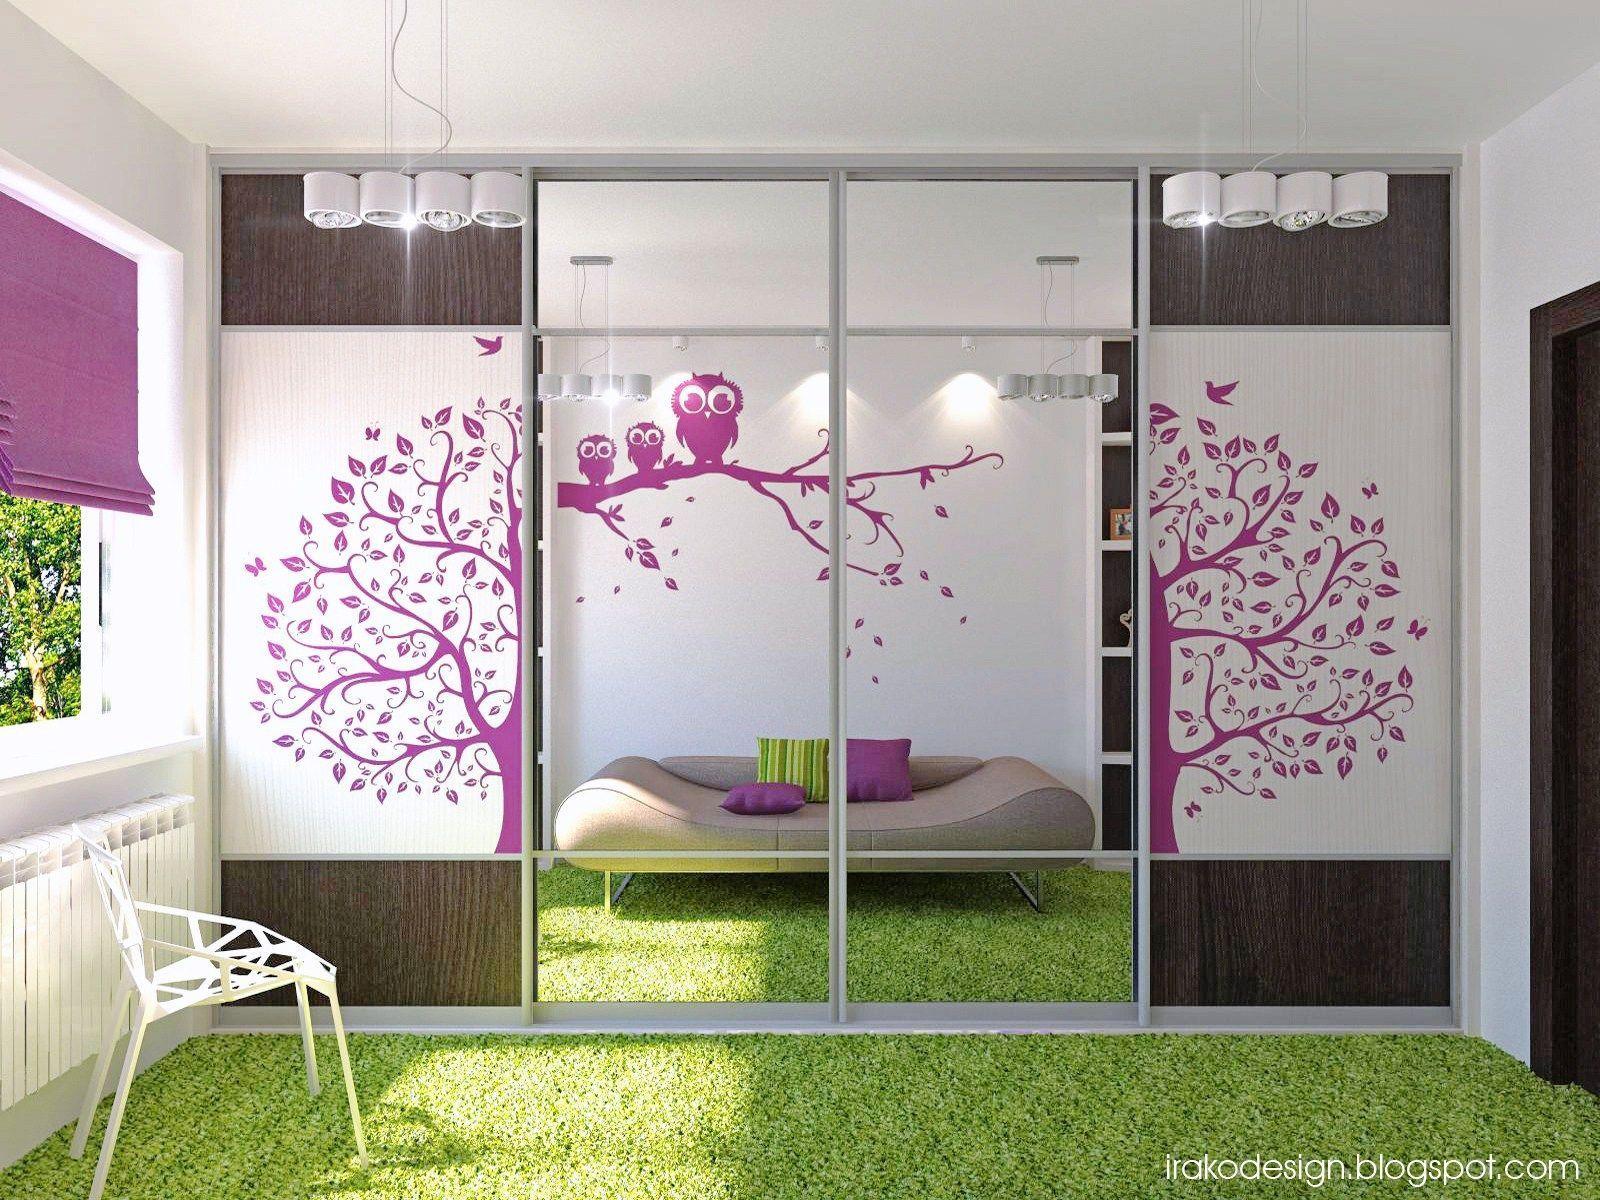 Badezimmer ideen für teenager cute girls rooms heart tree love bedroom modern wall art sticker